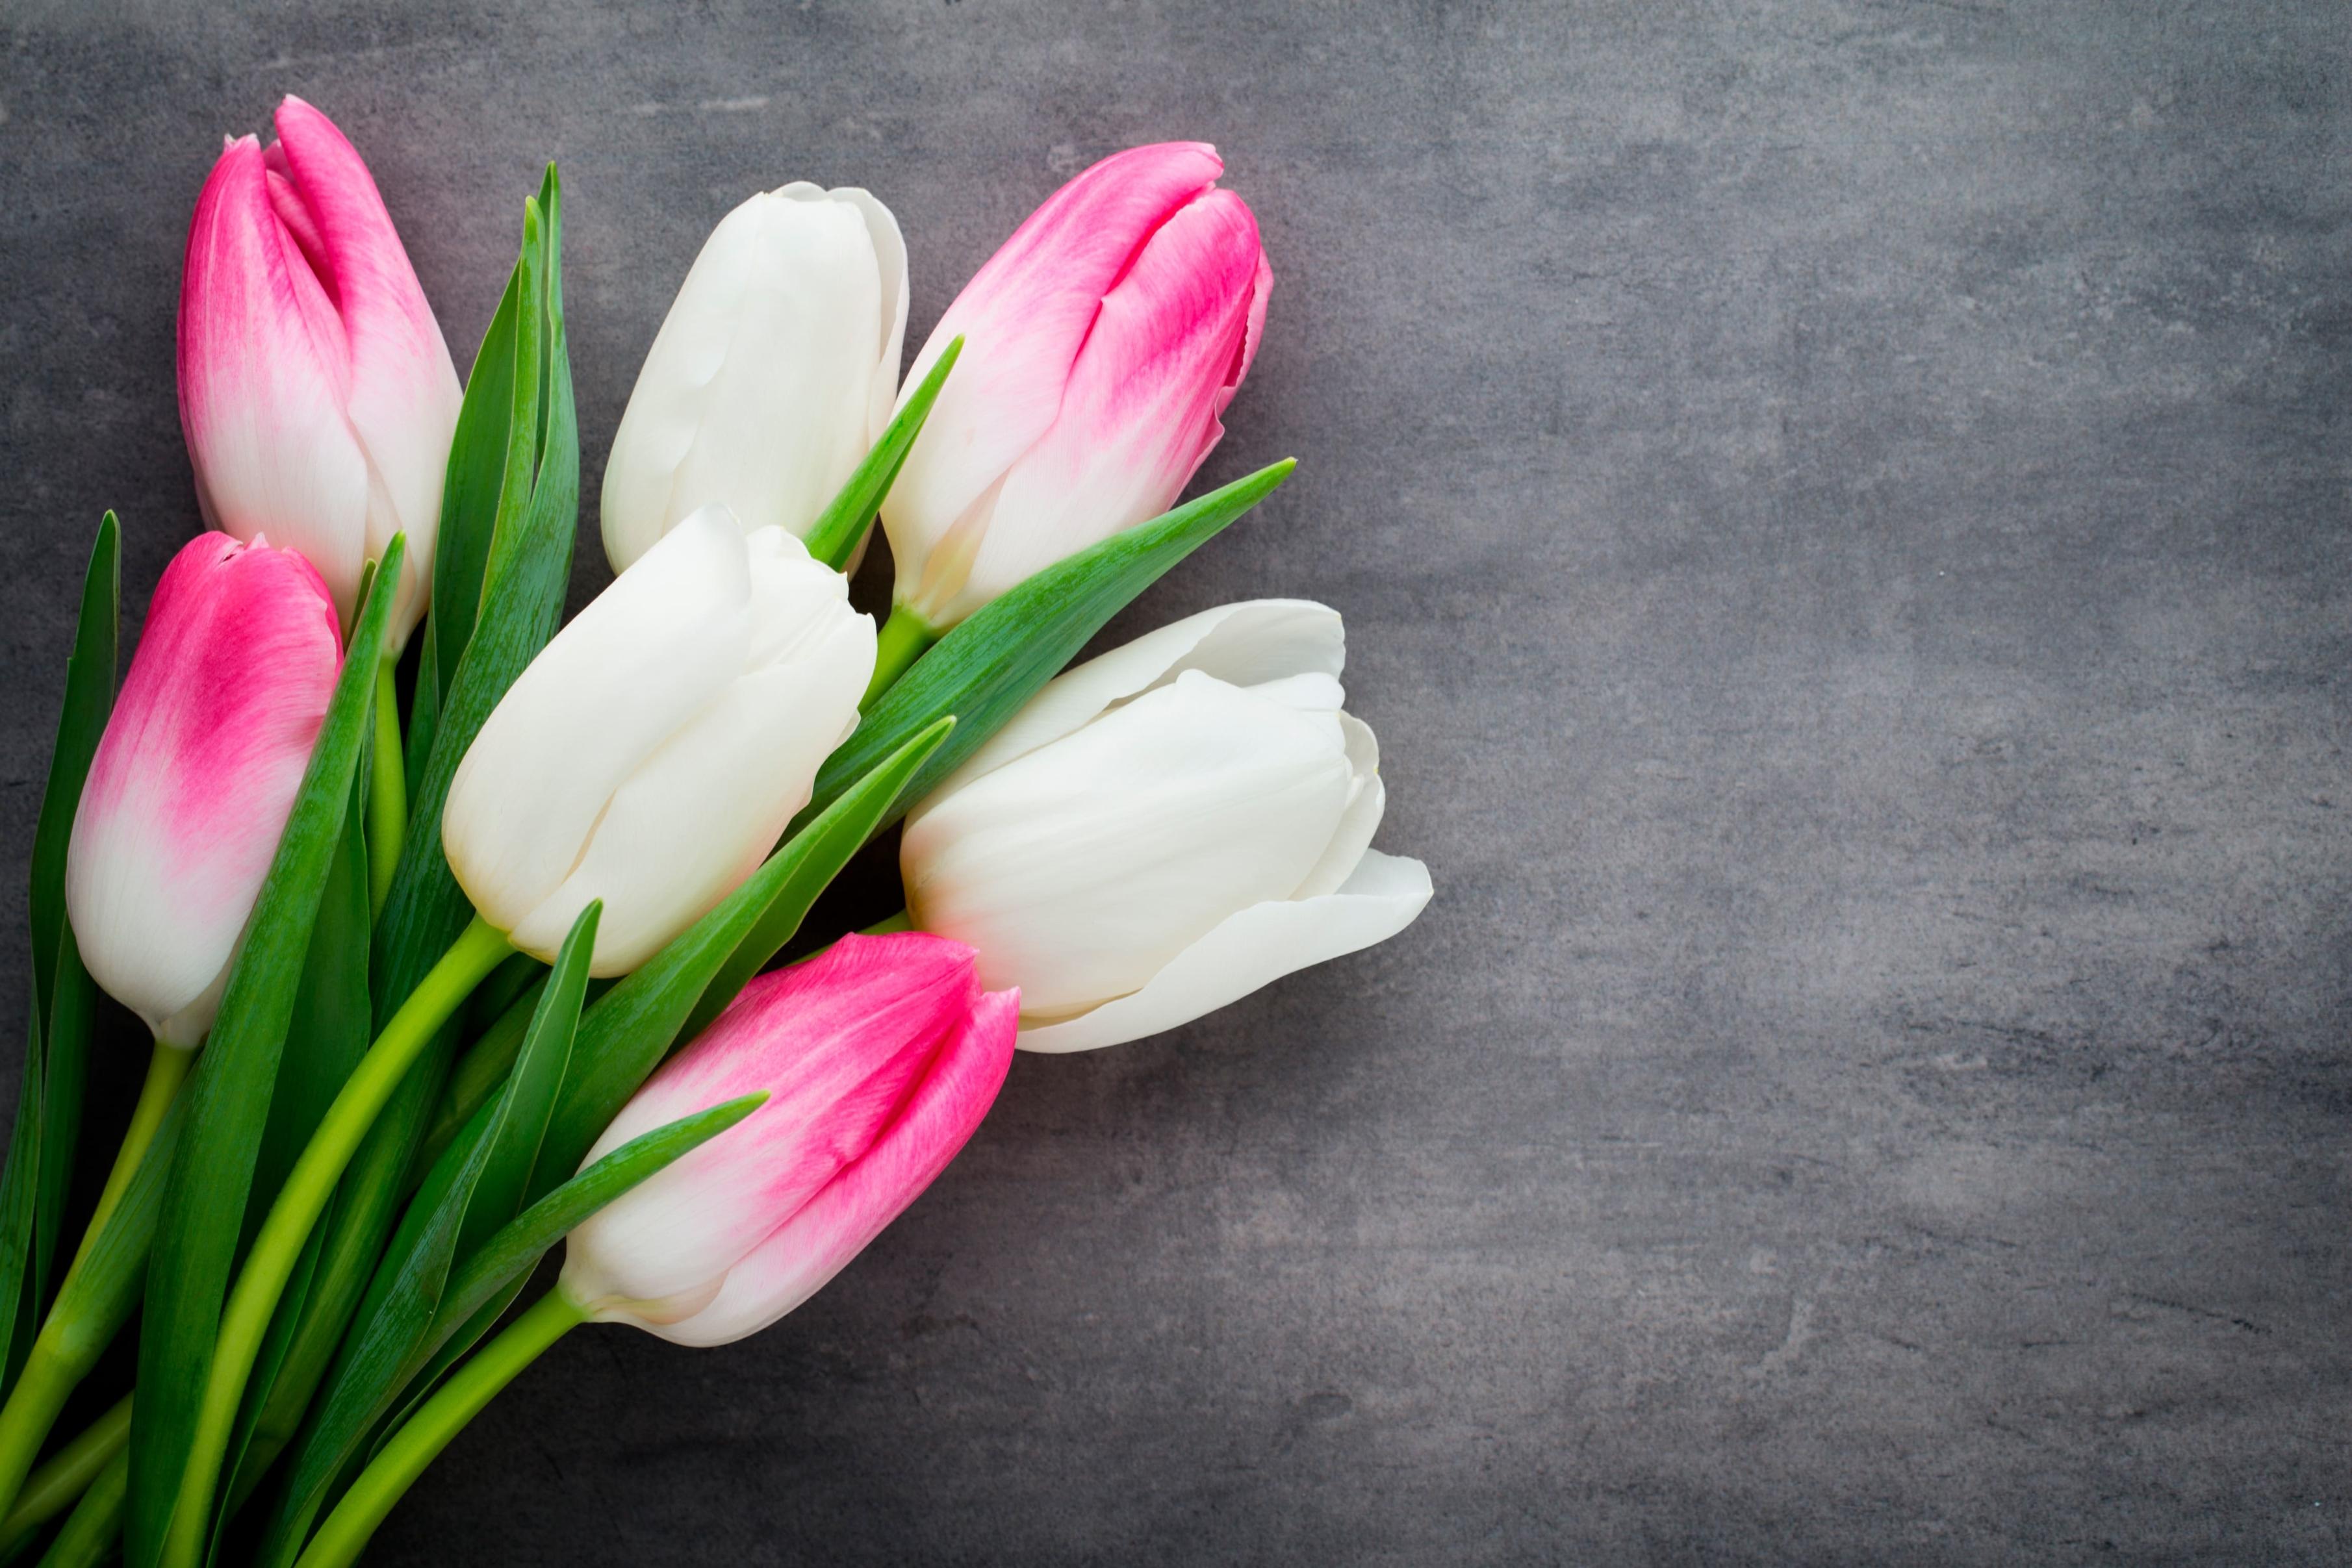 tulip-photo-18